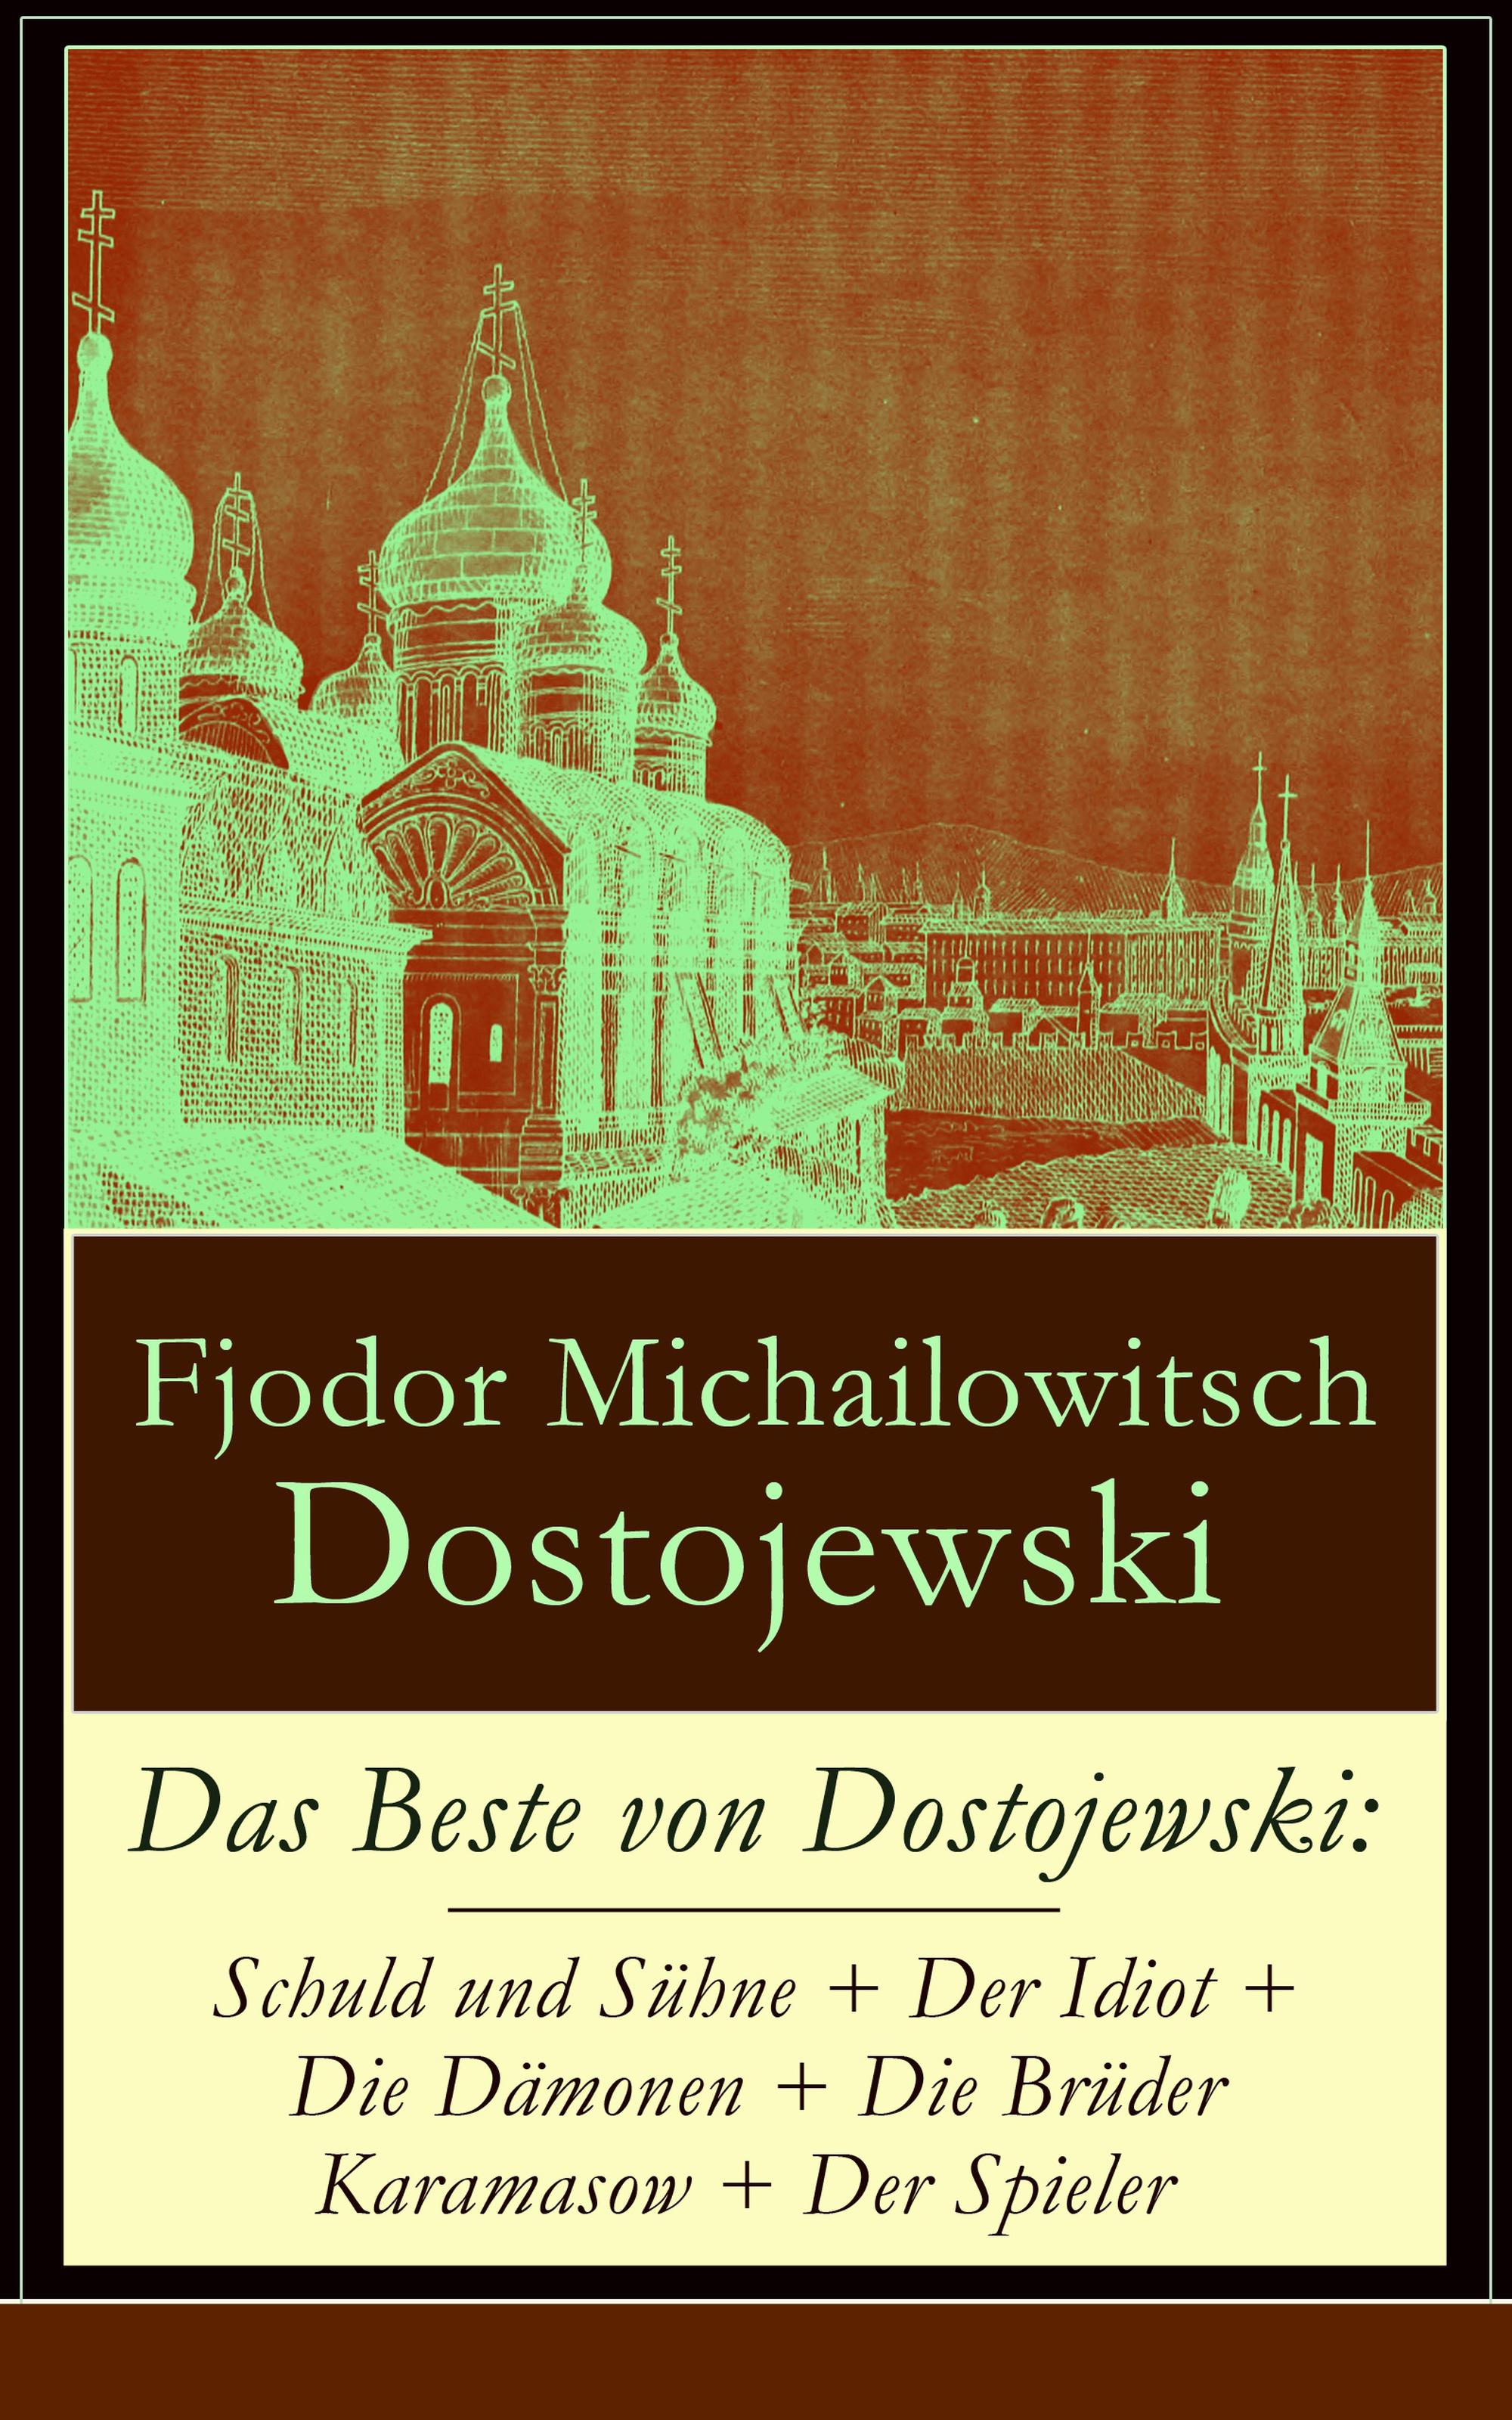 цена на Федор Достоевский Das Beste von Dostojewski: Schuld und Sühne + Der Idiot + Die Dämonen + Die Brüder Karamasow + Der Spieler